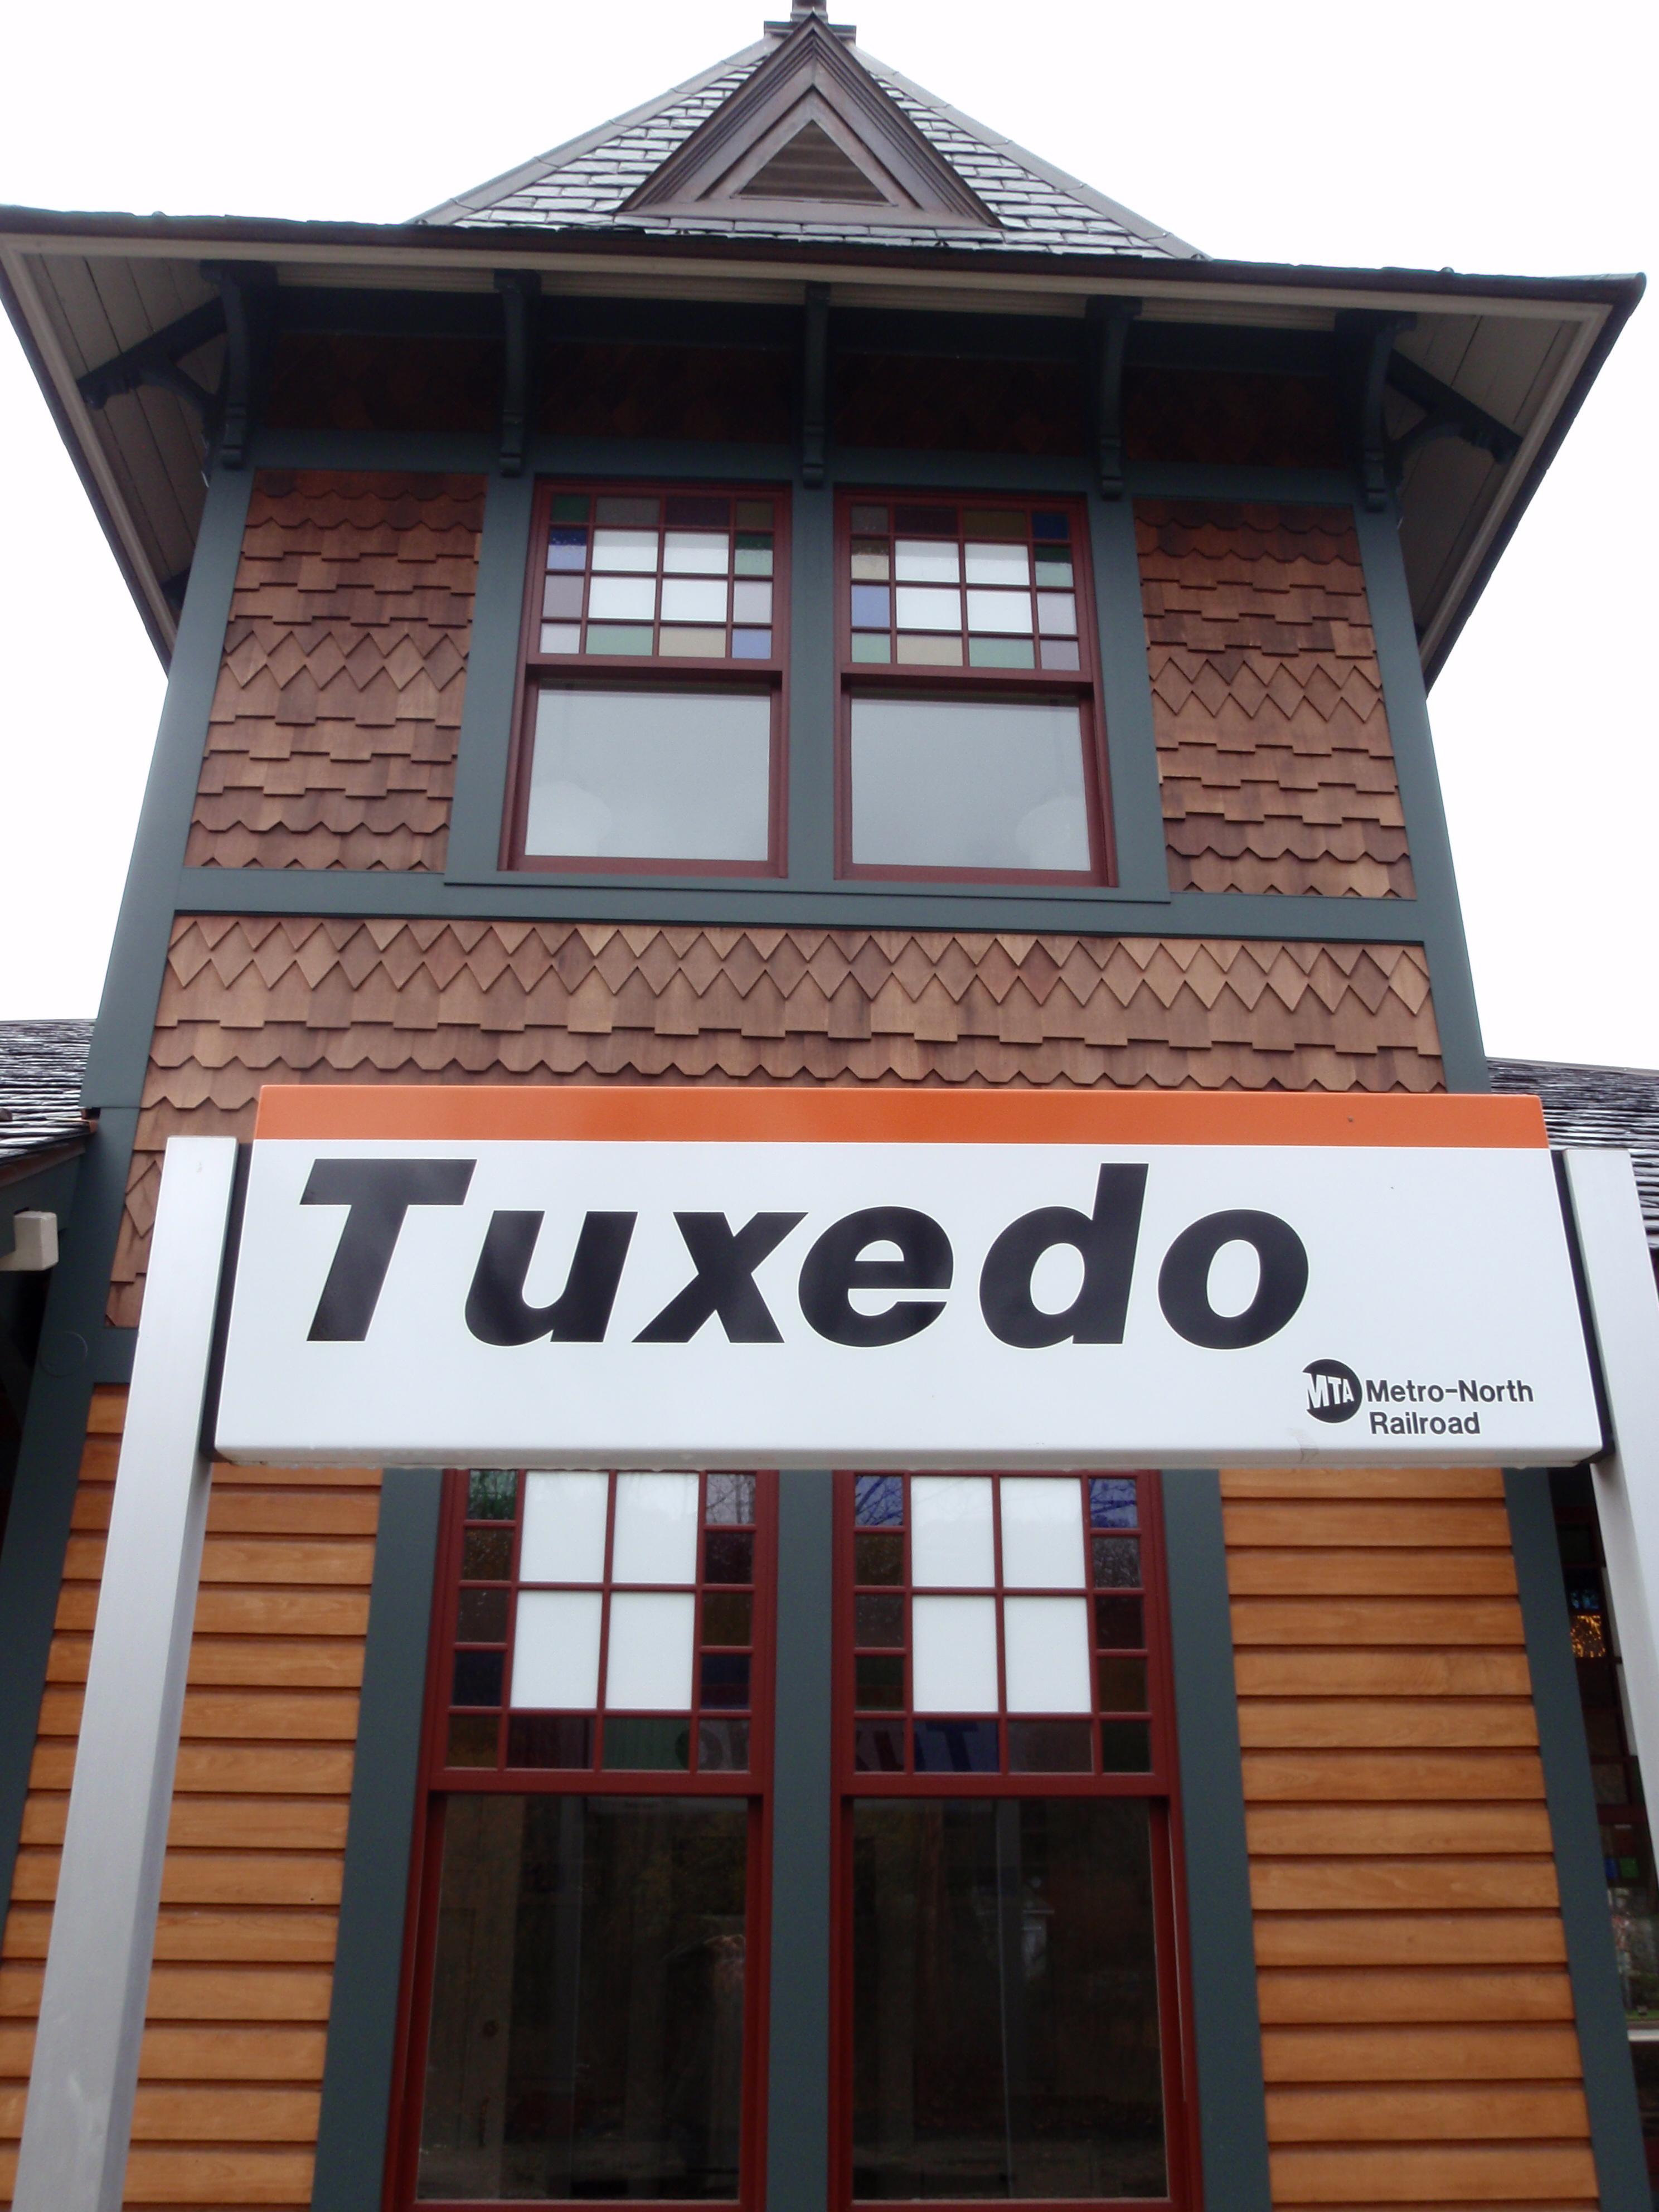 Tuxedo train stop